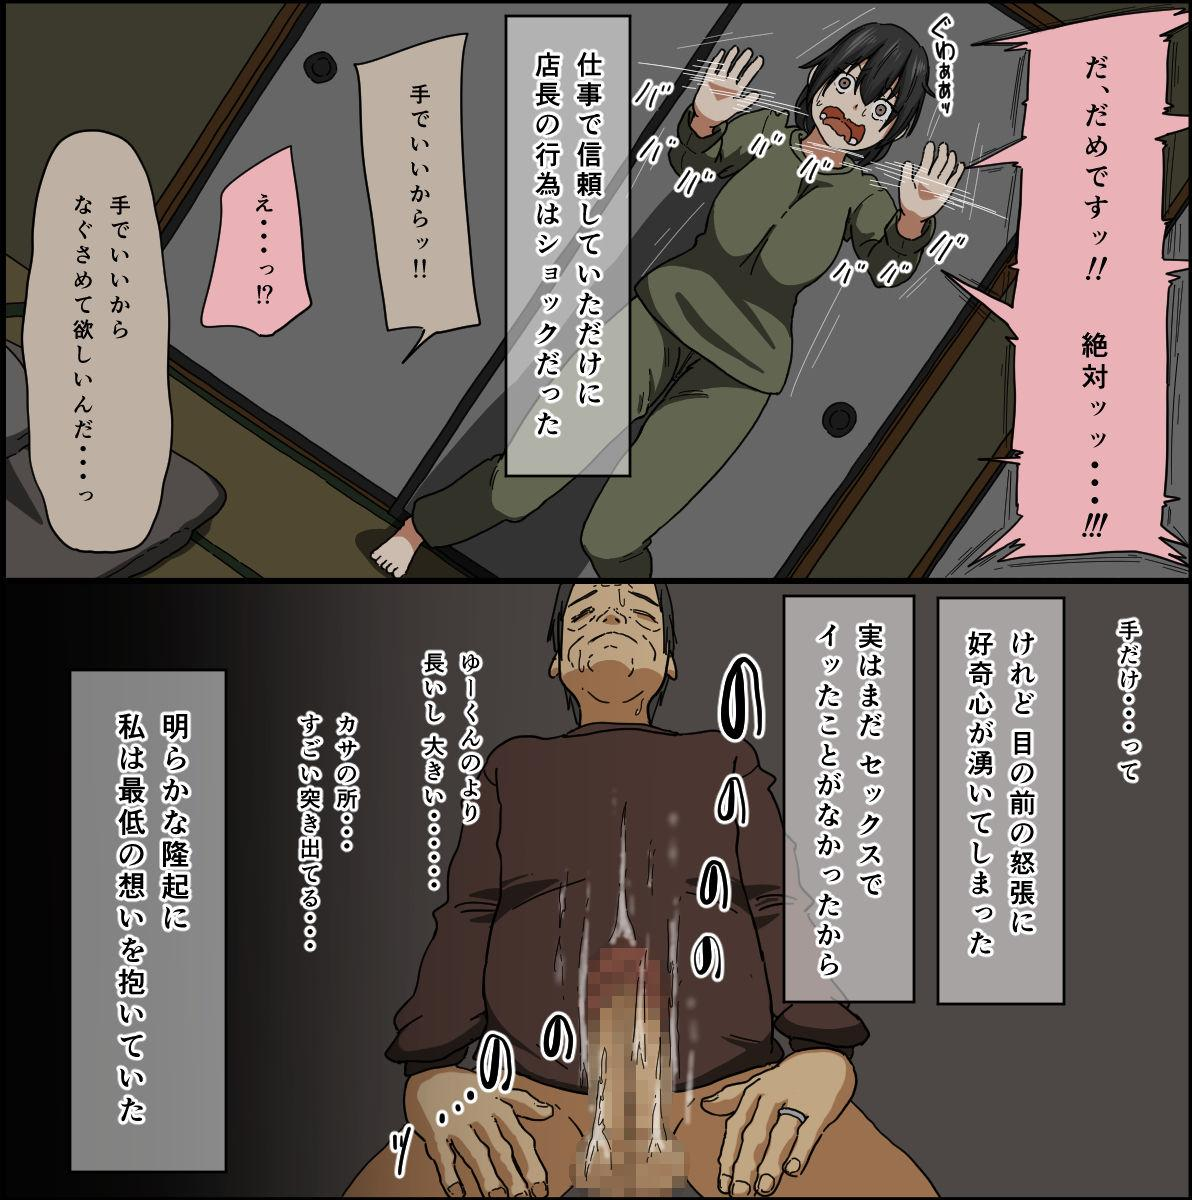 Aitsu ga Katta Gom no Size wa Ore no yori Dekakatta 11